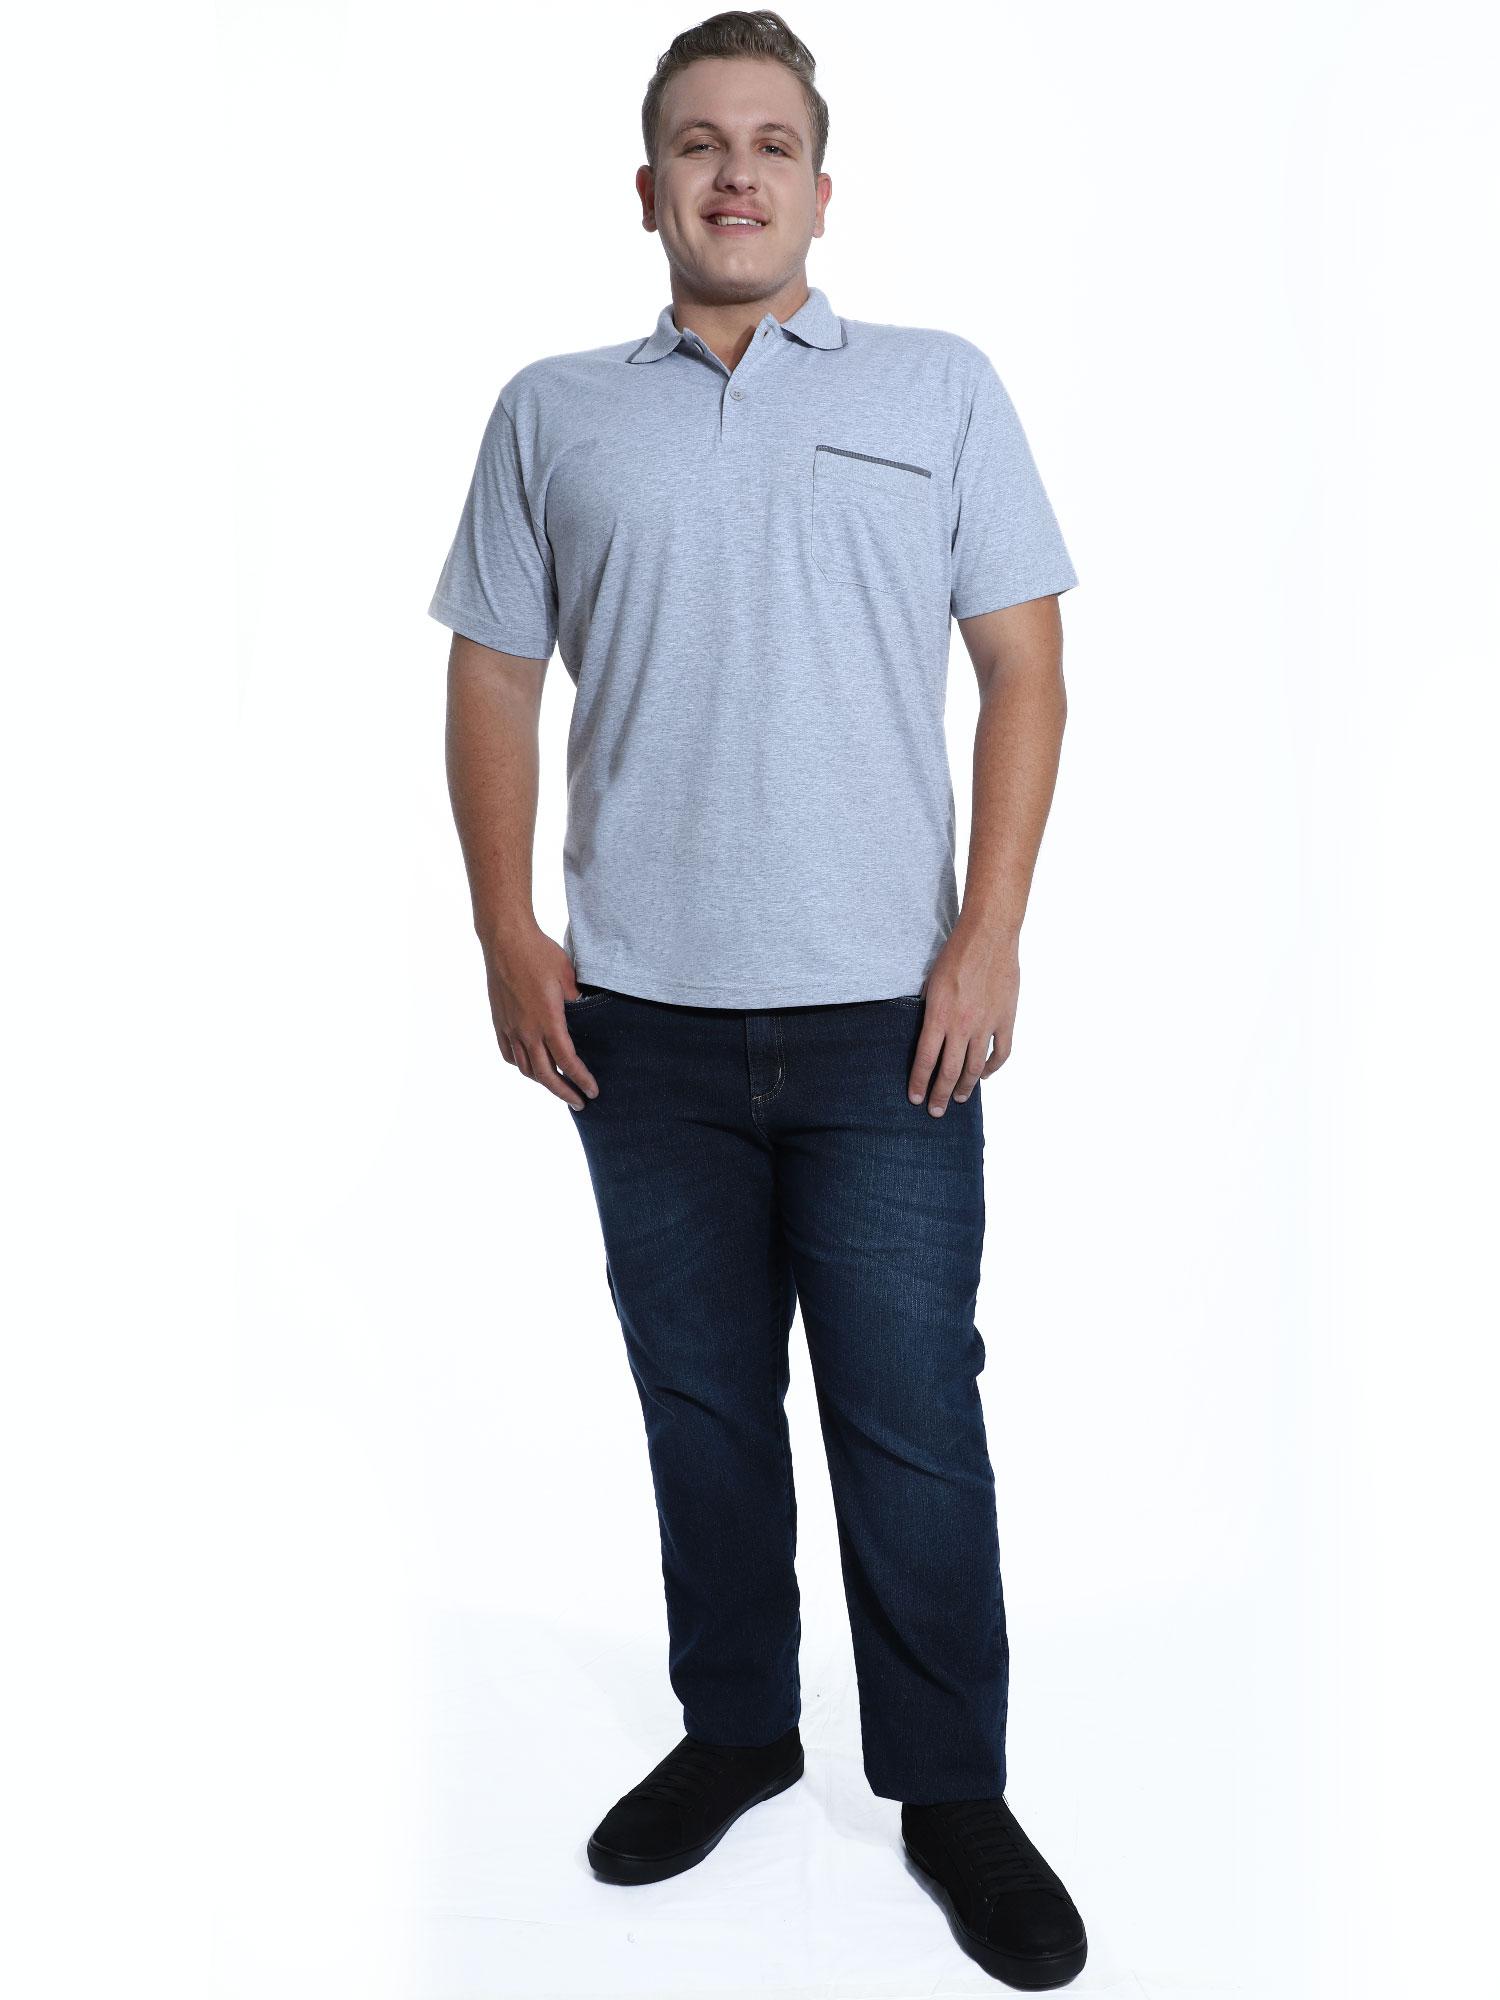 Camisa Polo Masculina com Bolso Retilínea Algodão Mescla Cl